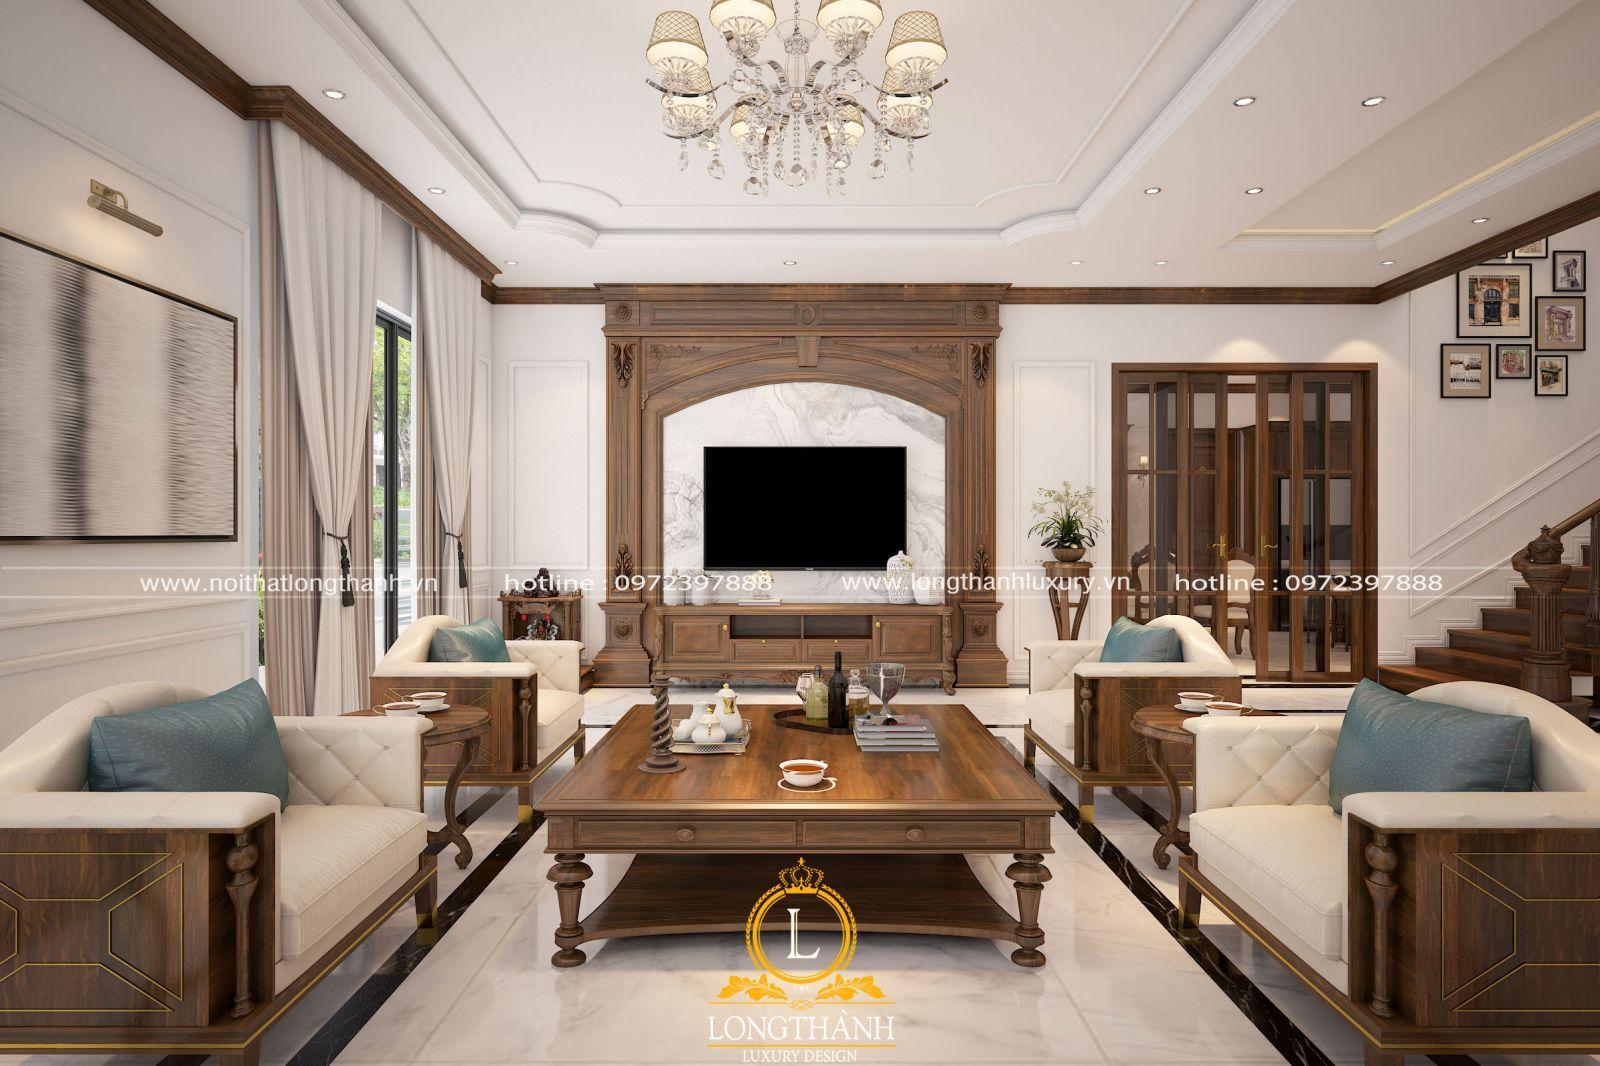 Phòng khách tân cổ điển Á Đông - Đẹp gần gũi cùng nét truyền thống